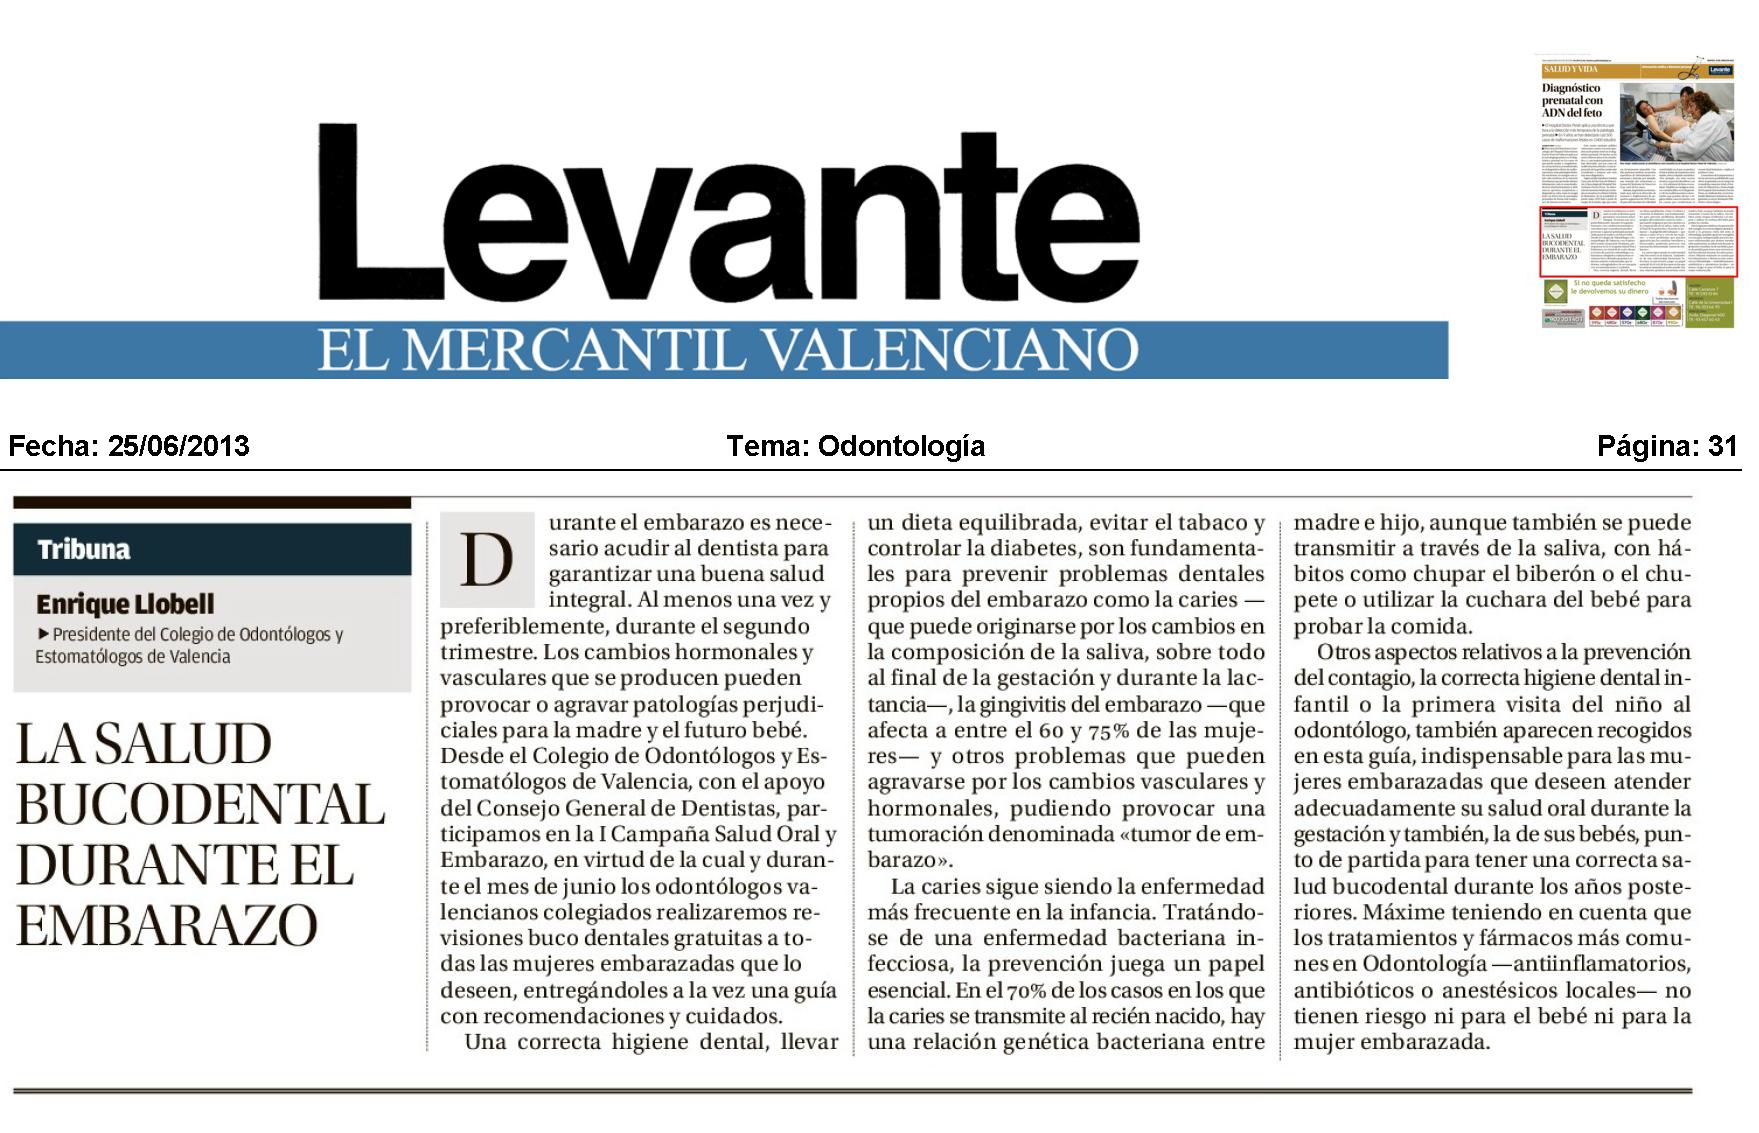 La salud oral en el embarazo ilustre colegio oficial de odont logos y estomat logos de valencia - Periodico levante el mercantil valenciano ...